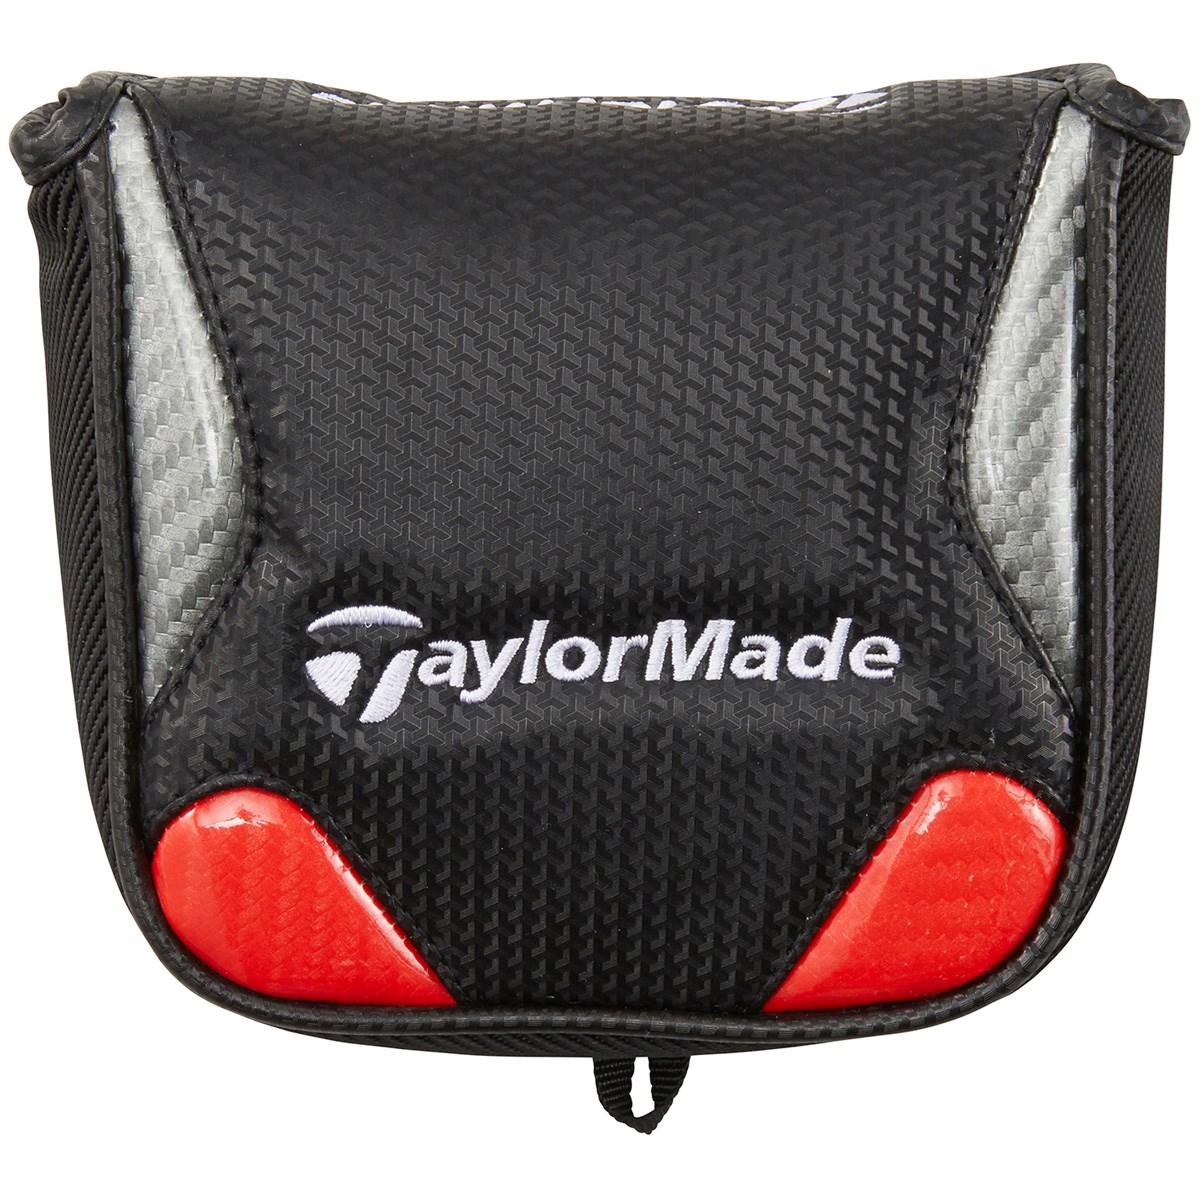 [2019年モデル] テーラーメイド taylormade G-7 パターカバー ブラック/ガンメタリック メンズ ゴルフ